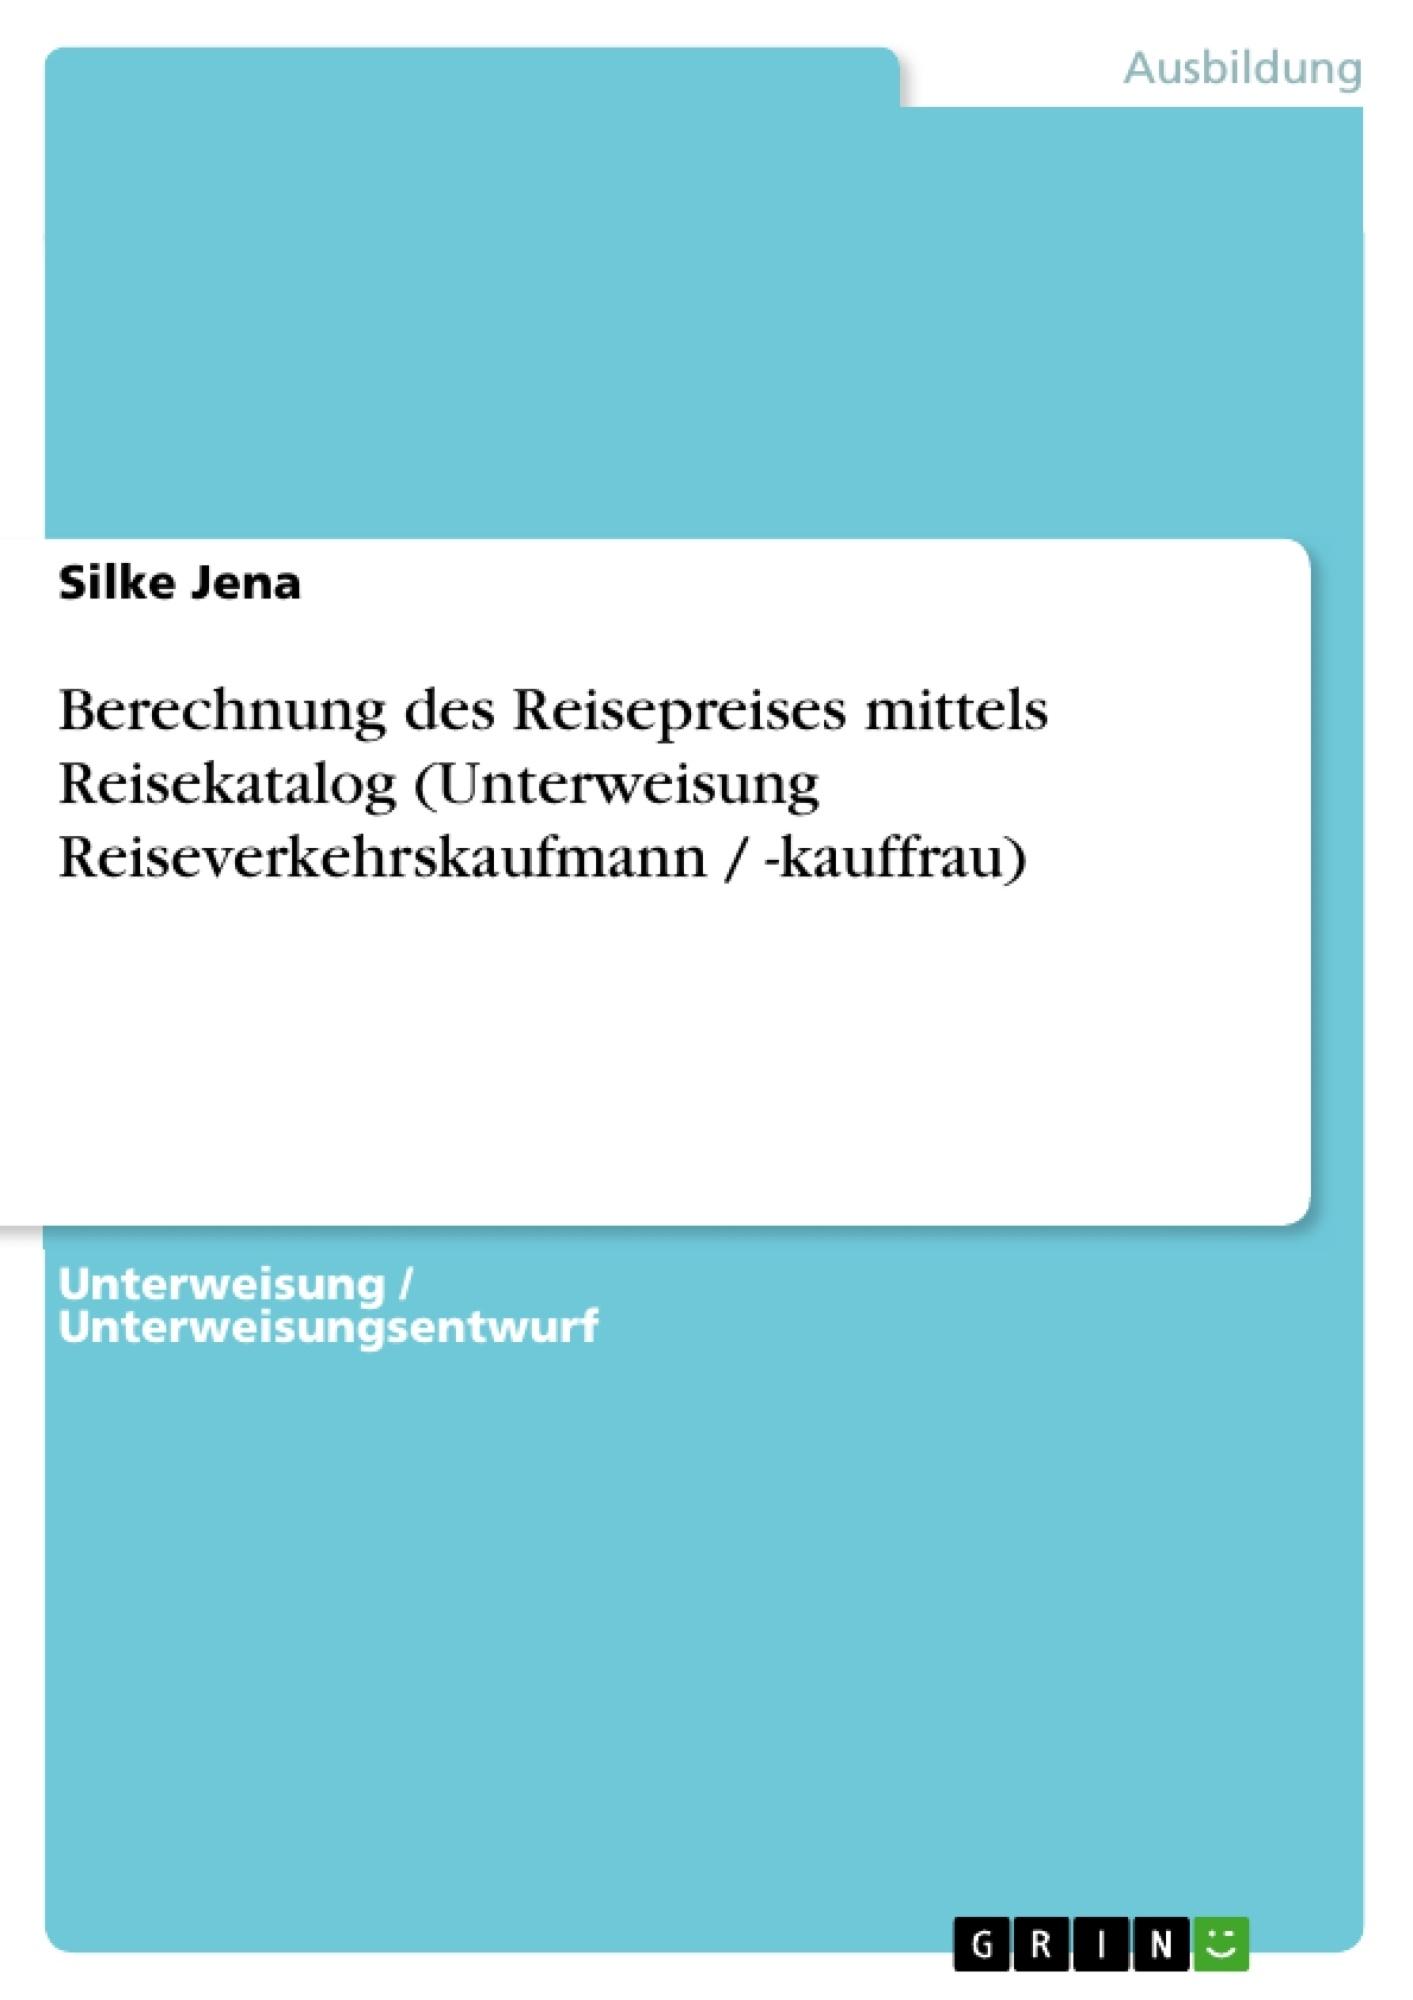 Titel: Berechnung des Reisepreises mittels Reisekatalog (Unterweisung Reiseverkehrskaufmann / -kauffrau)